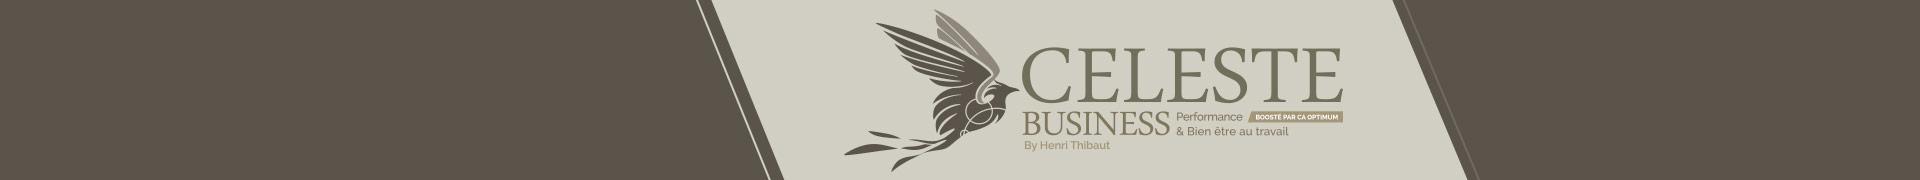 bandeau-celeste-business